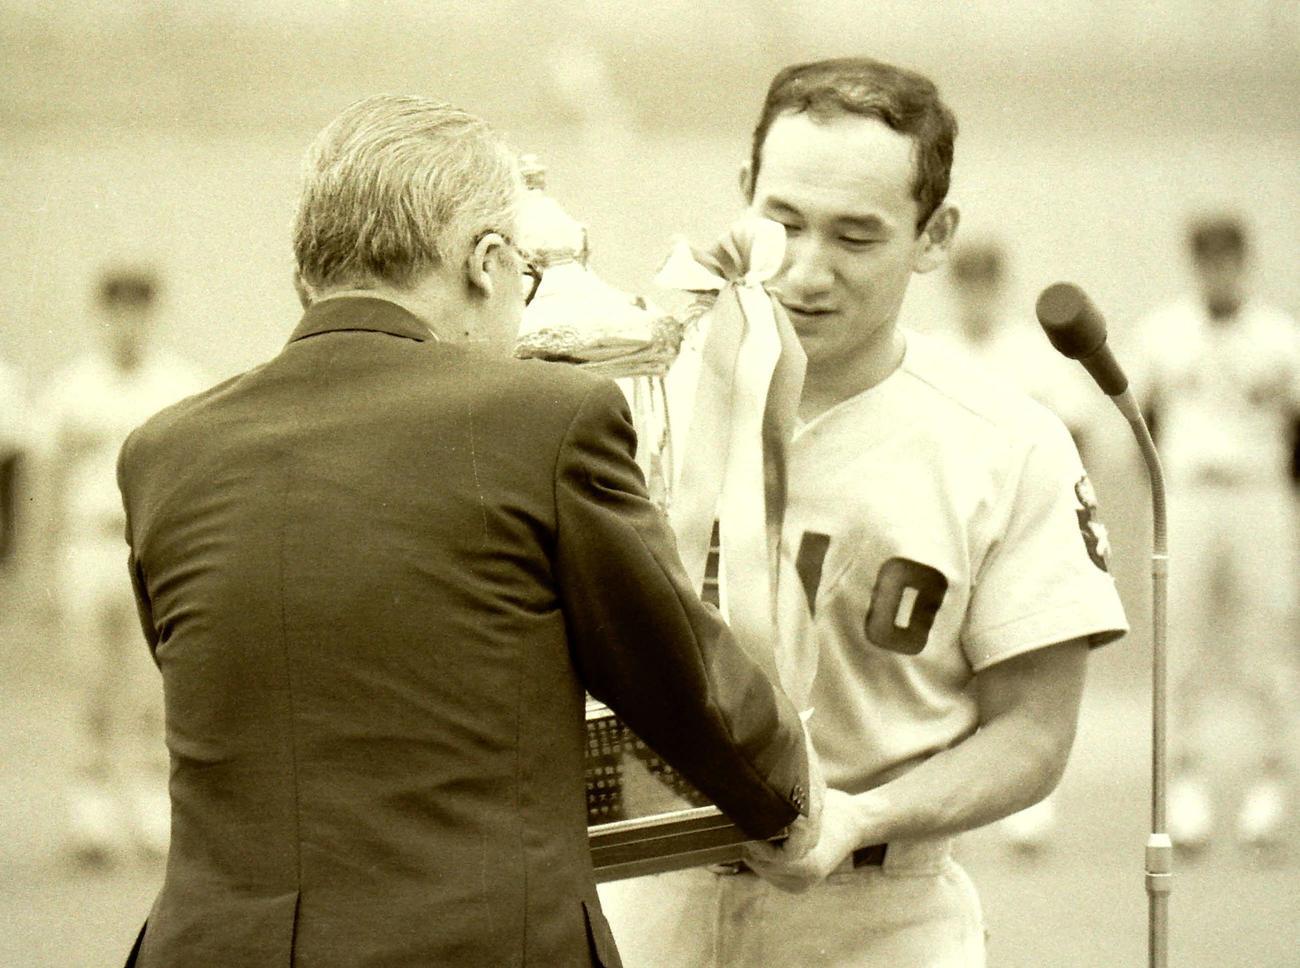 全日本大学野球選手権で優勝し、トロフィーを受け取る慶大・猿田和三(右)(1987年6月13日)